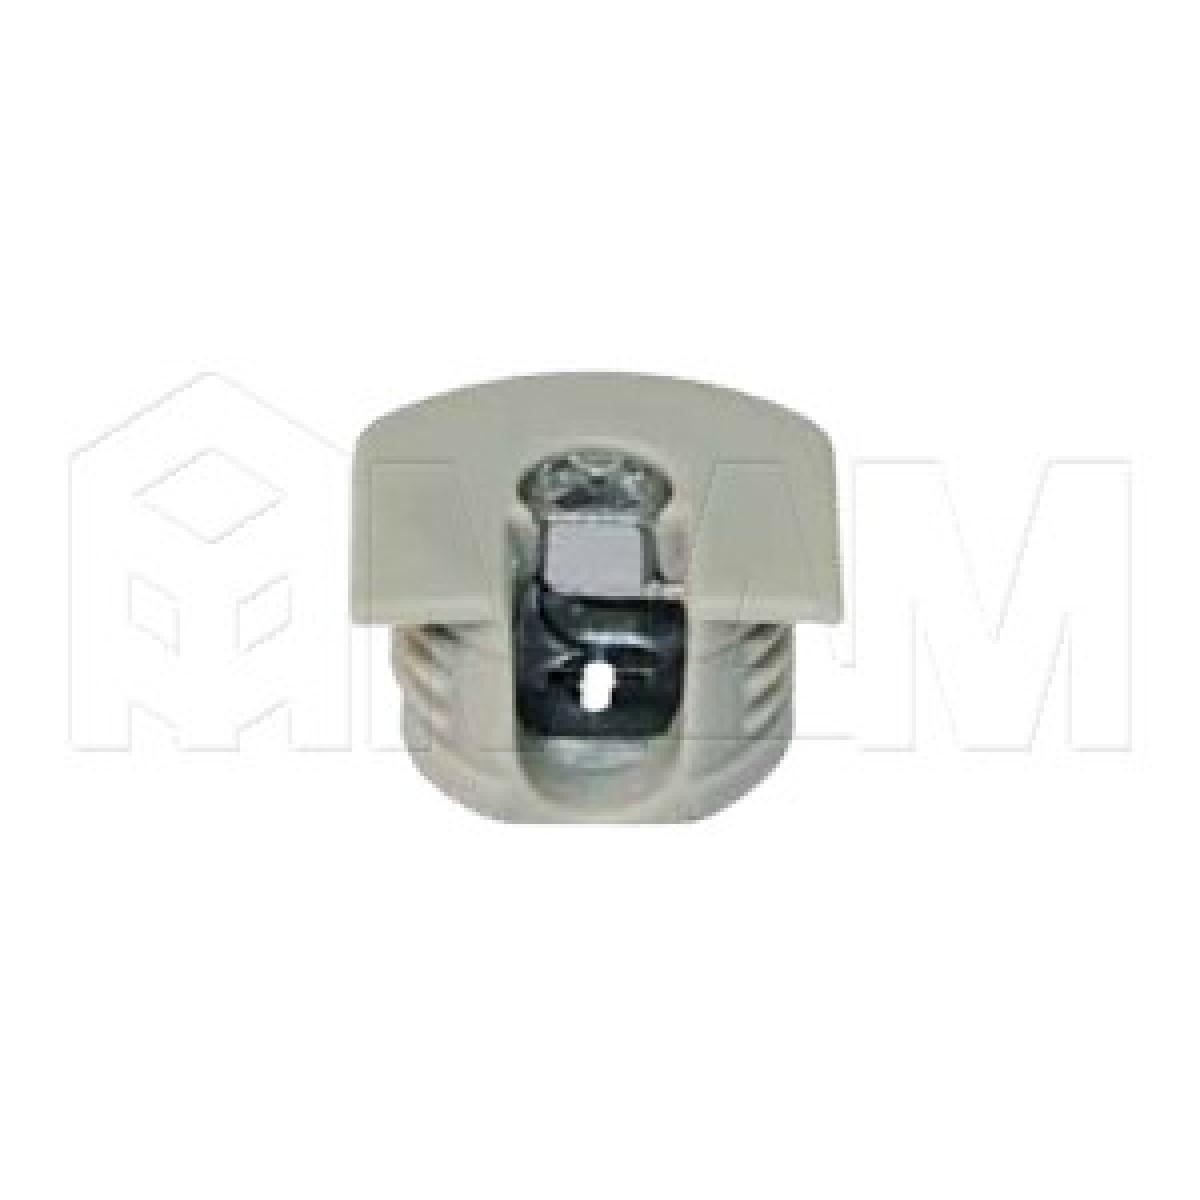 Эксцентрик усиленный в пластиковом корпусе 16 мм, серый